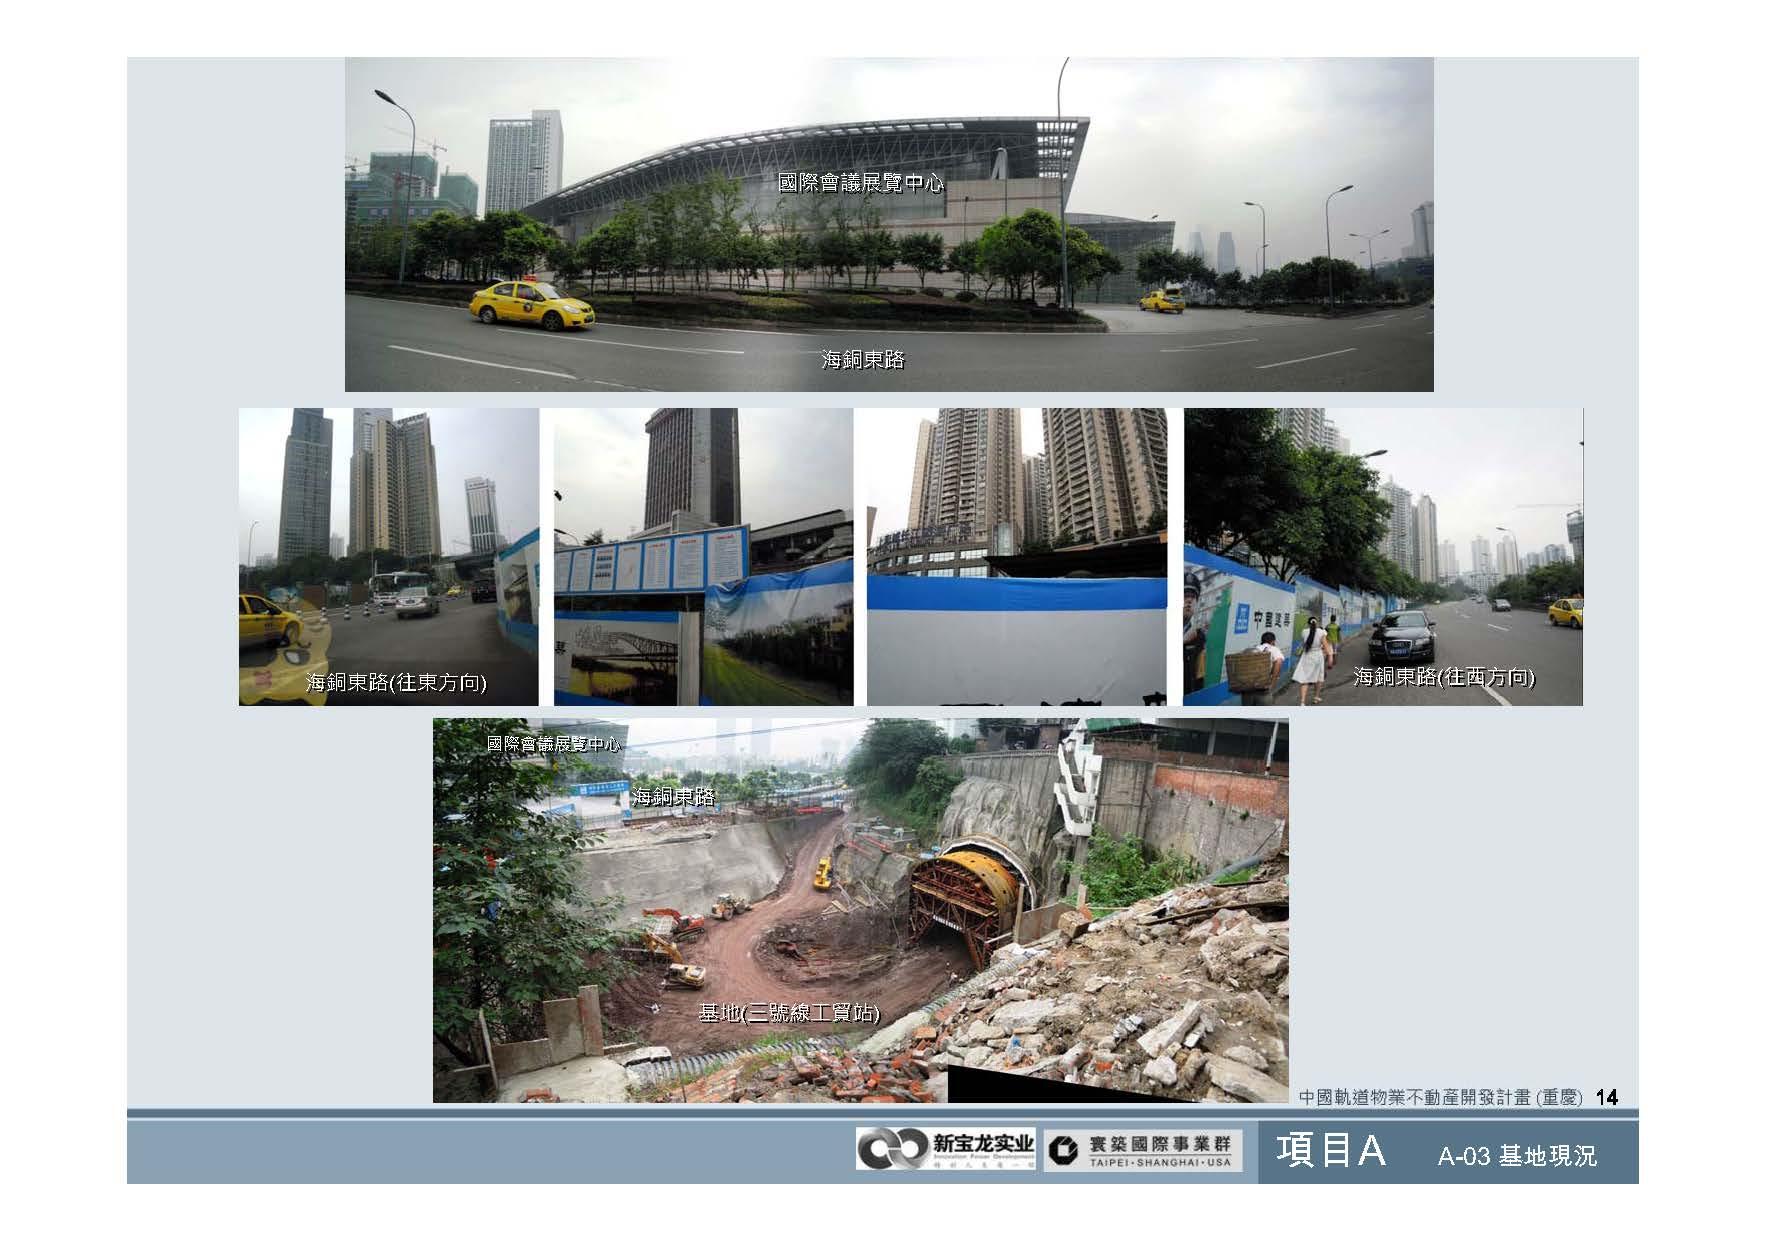 20100812-中國軌道物業不動產開發計畫(重慶)_頁面_15